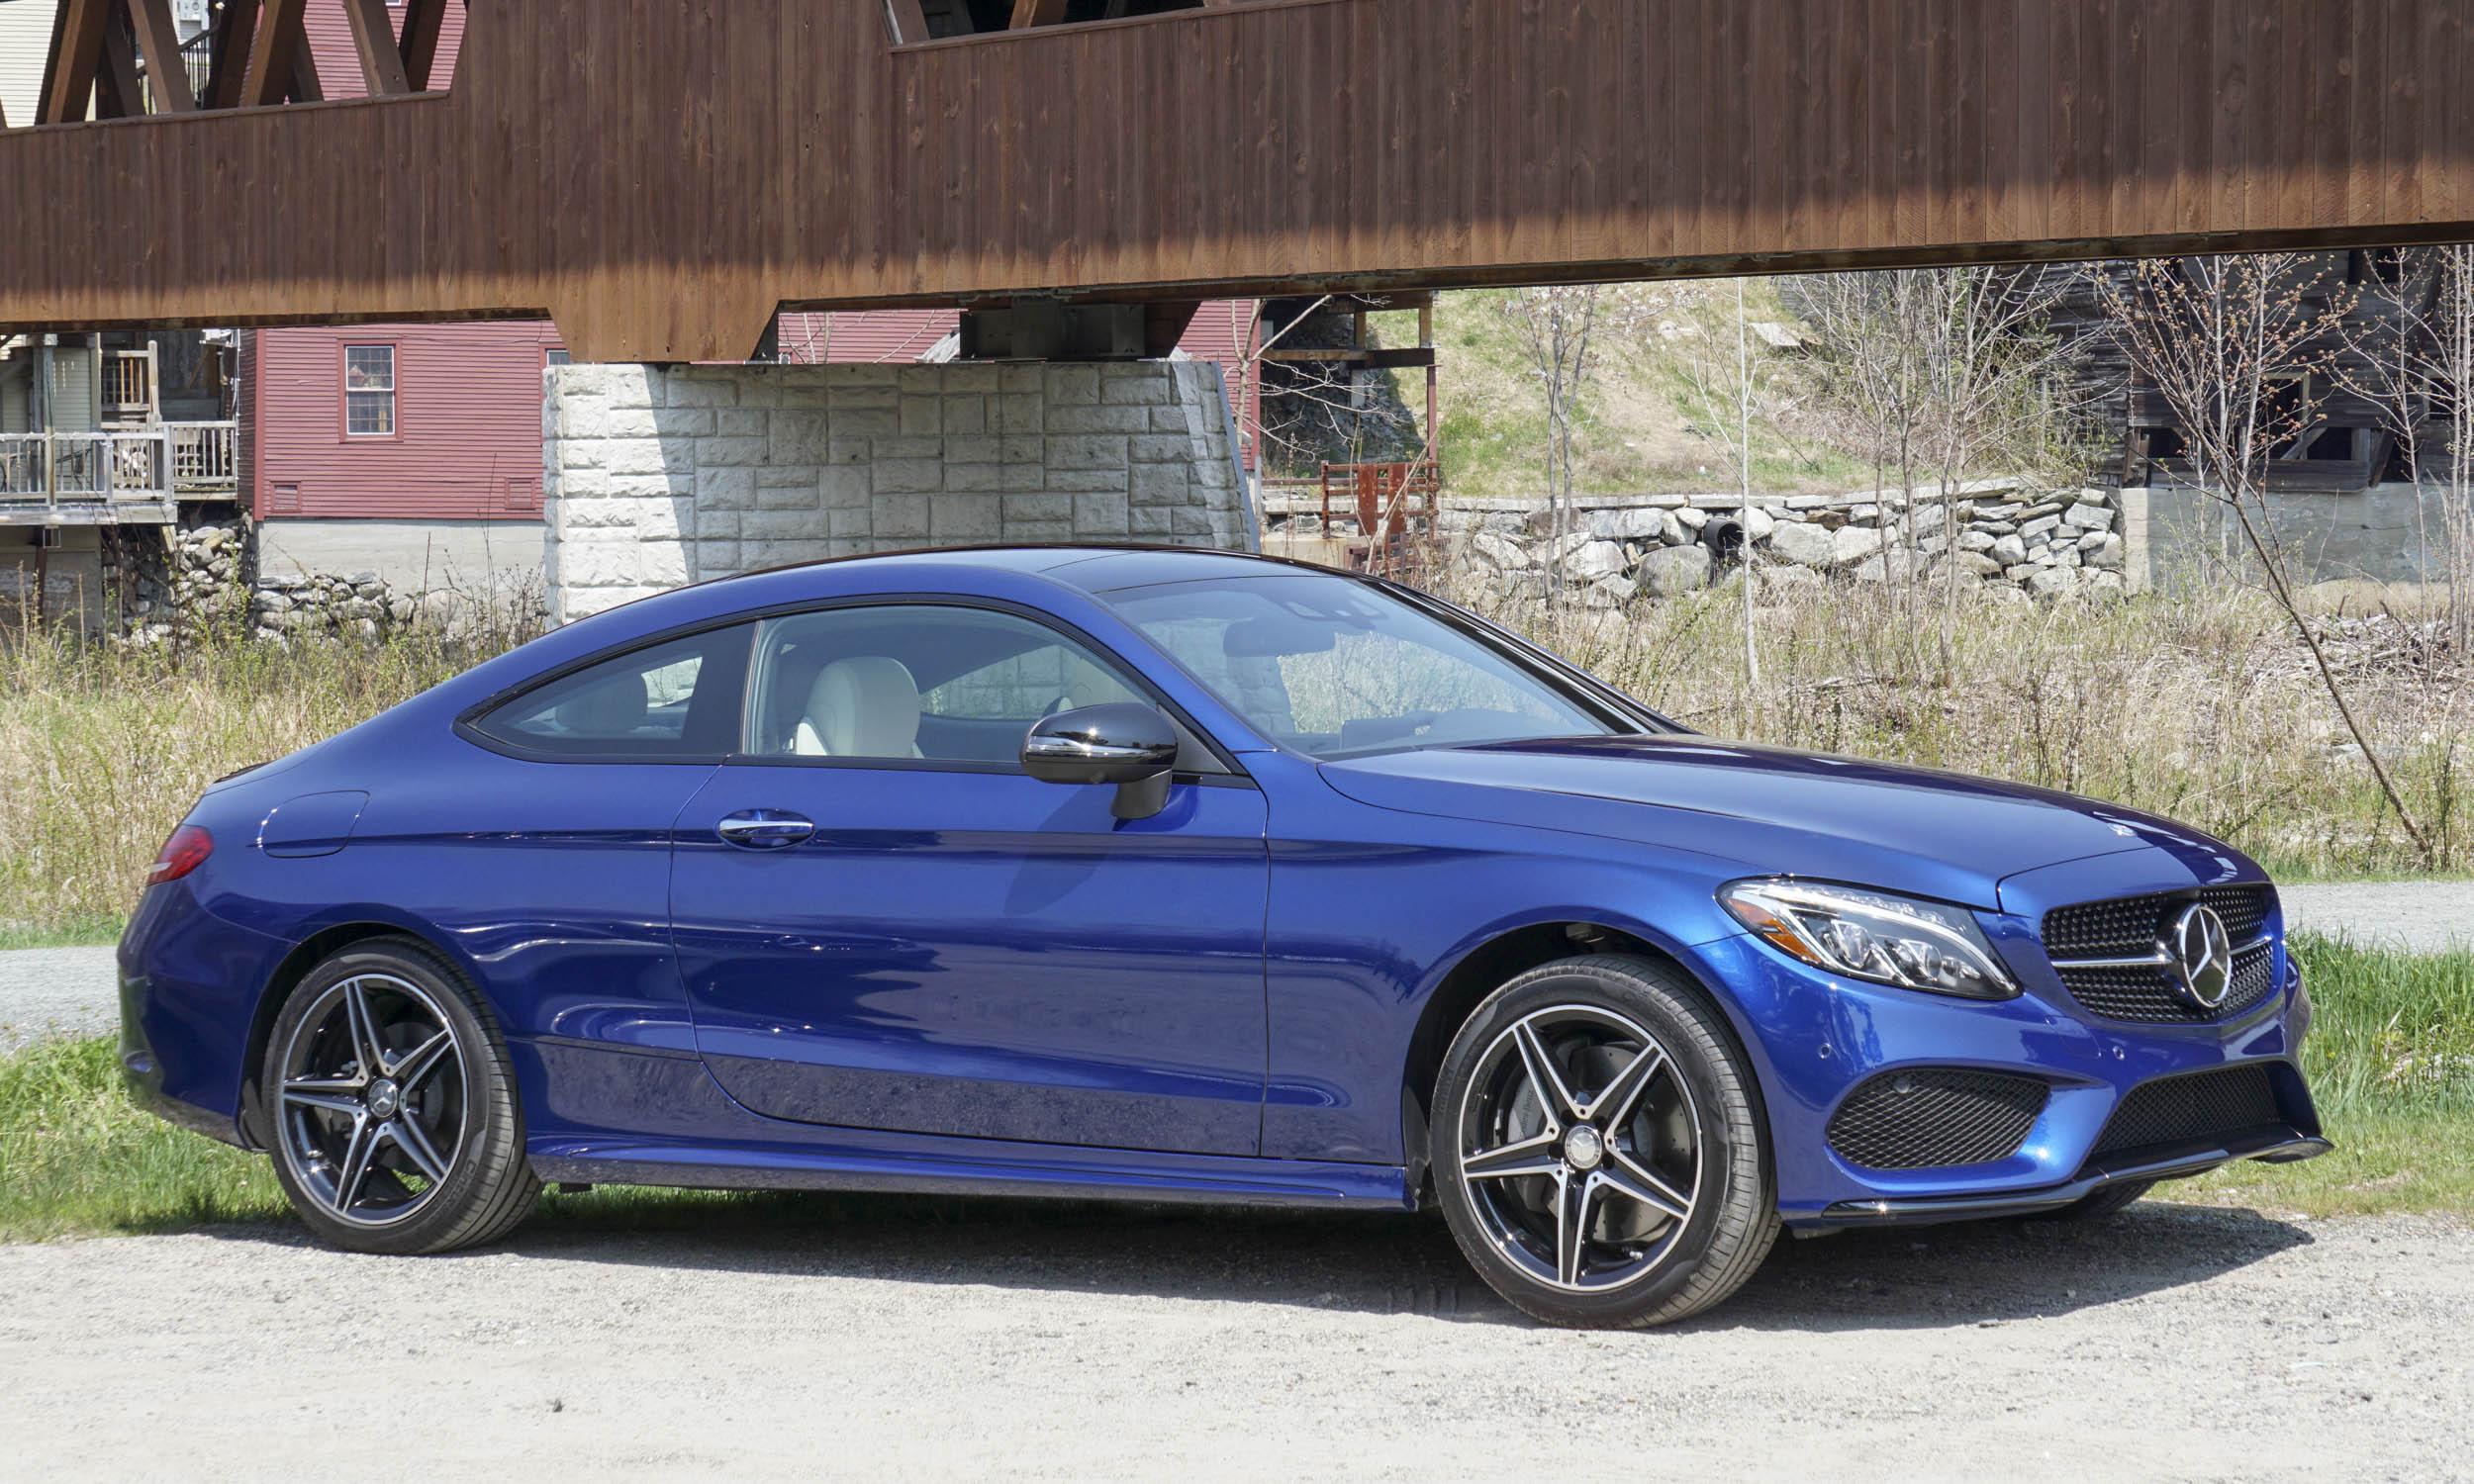 http://autonxt.net/wp-content/uploads/2016/05/autocontentexp.comwp-contentuploads2016052017-Mercedes-Benz-C-Class-Coupe8-e87fe2cb89ae91c02375e5229bc91c6963e87cf3-1.jpg